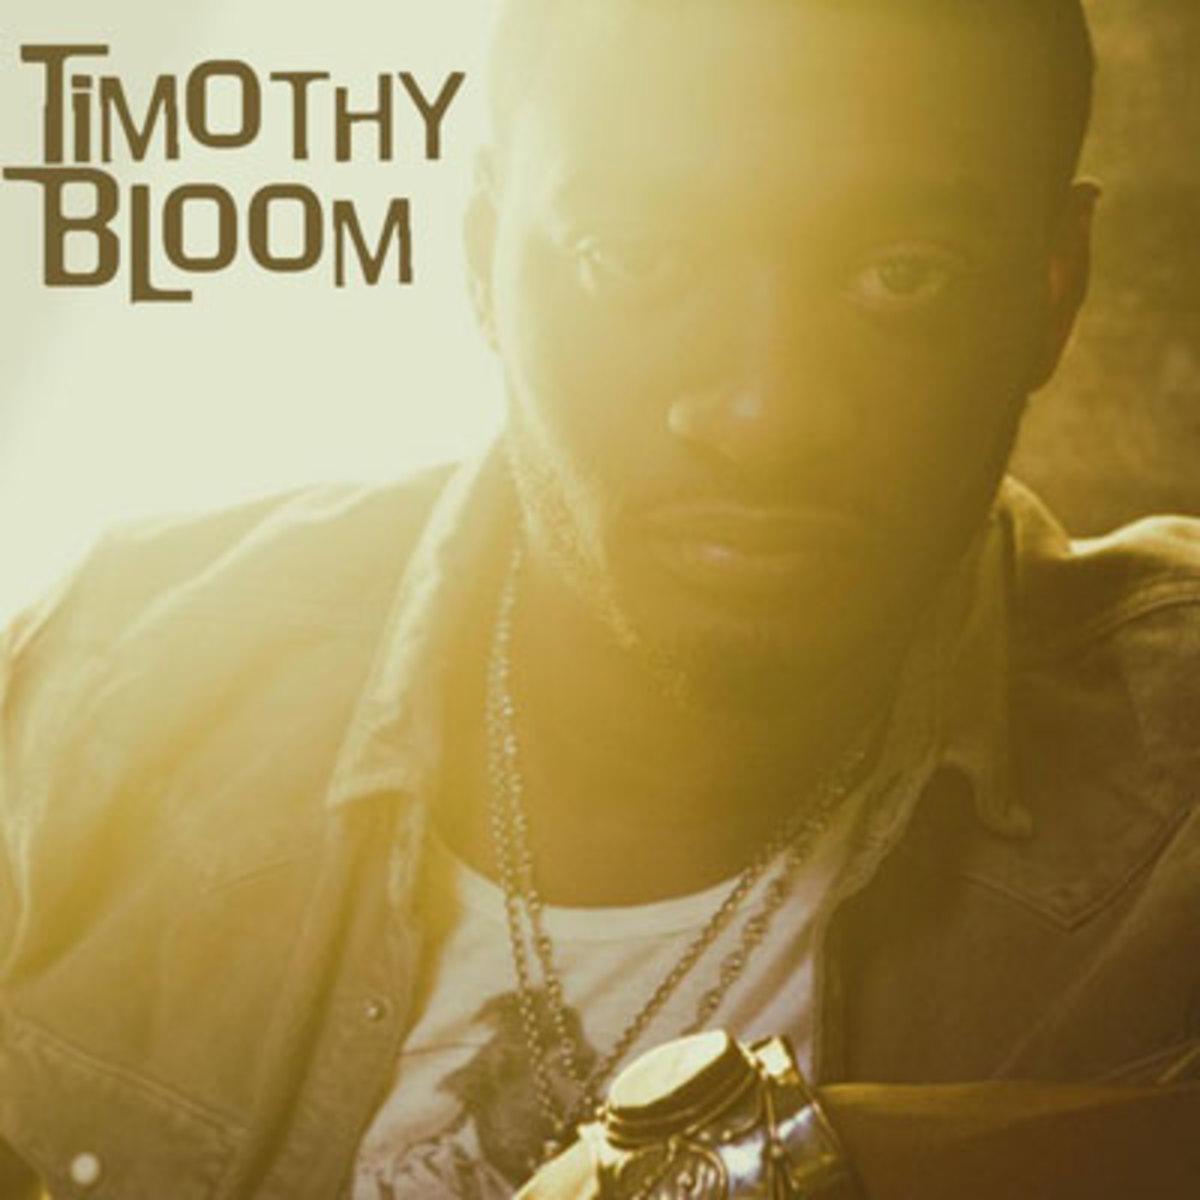 timothybloom-timothybloom.jpg